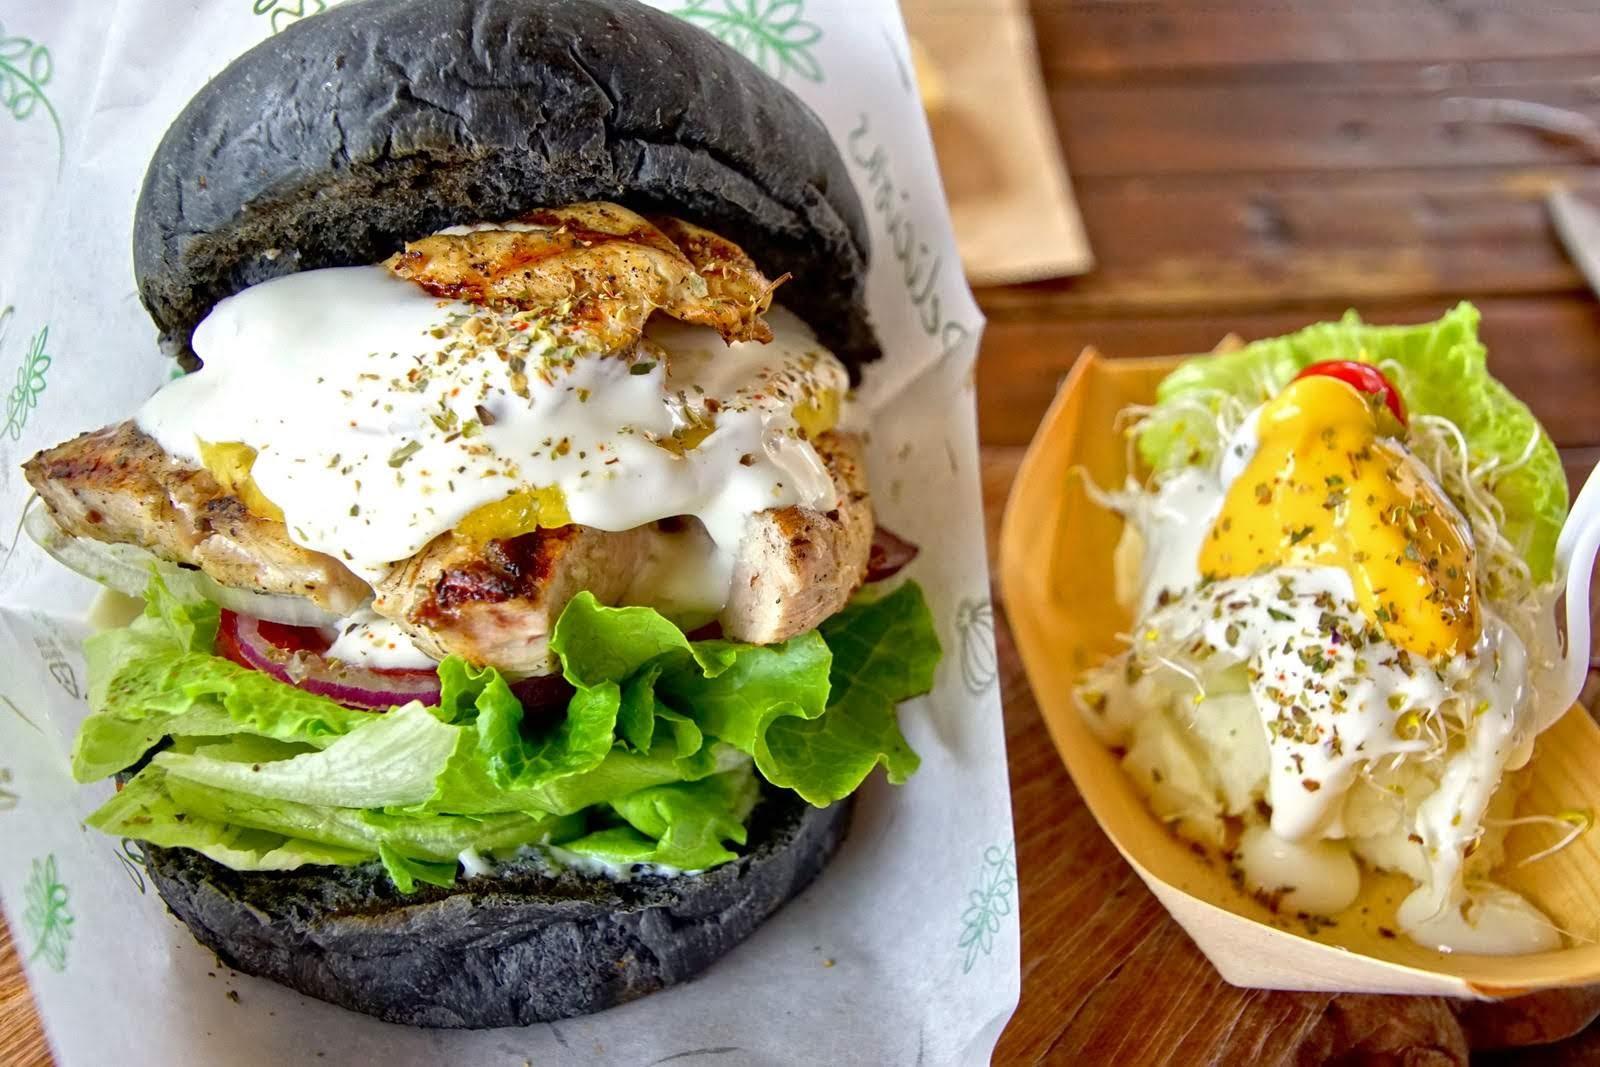 [台南][安南區] 木漢堡Ⅱ|再訪拉阿魯哇的黑色漢堡|食記